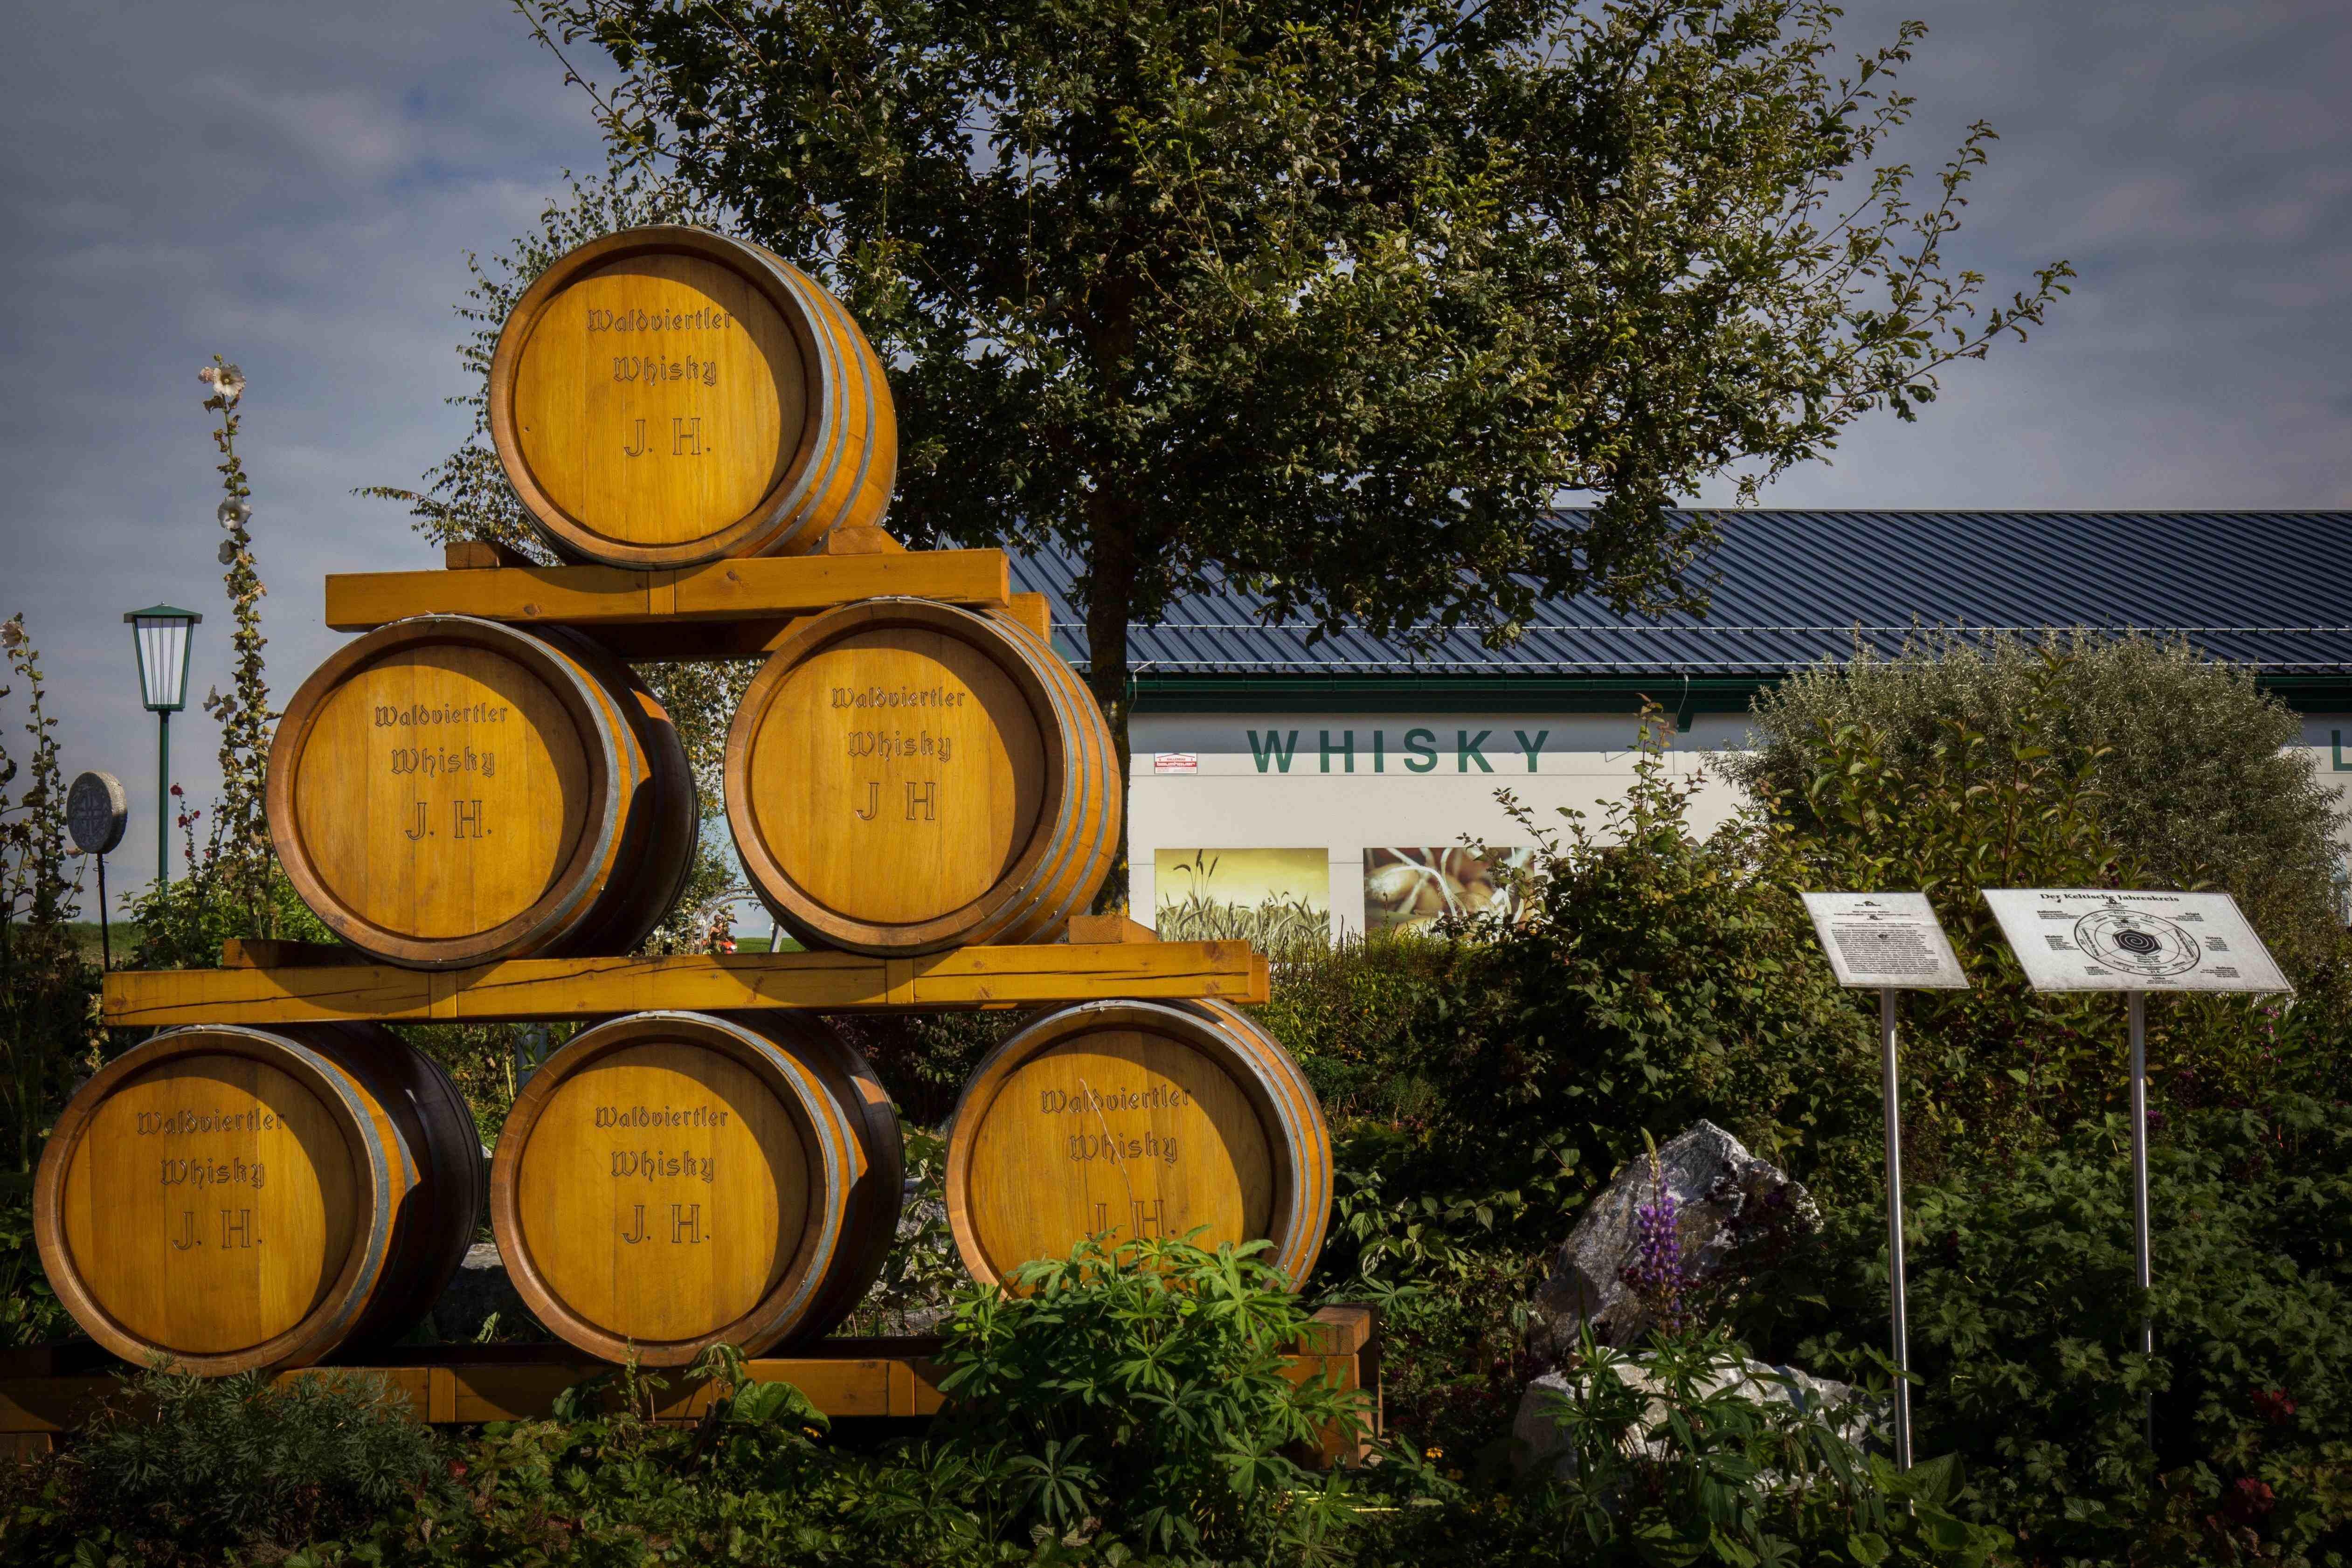 whisky-erlebniswelt - willkommen auf natur im garten